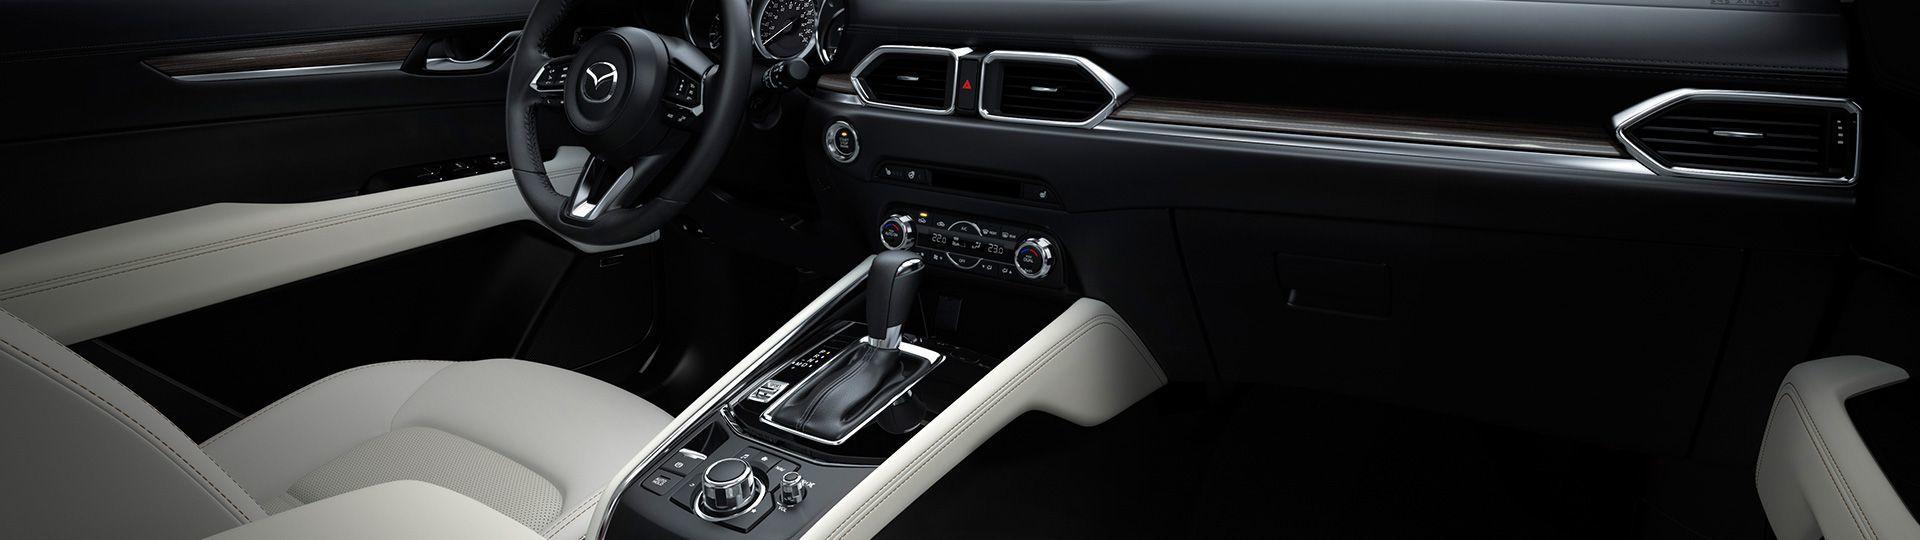 Mazda CX-5 intérieur